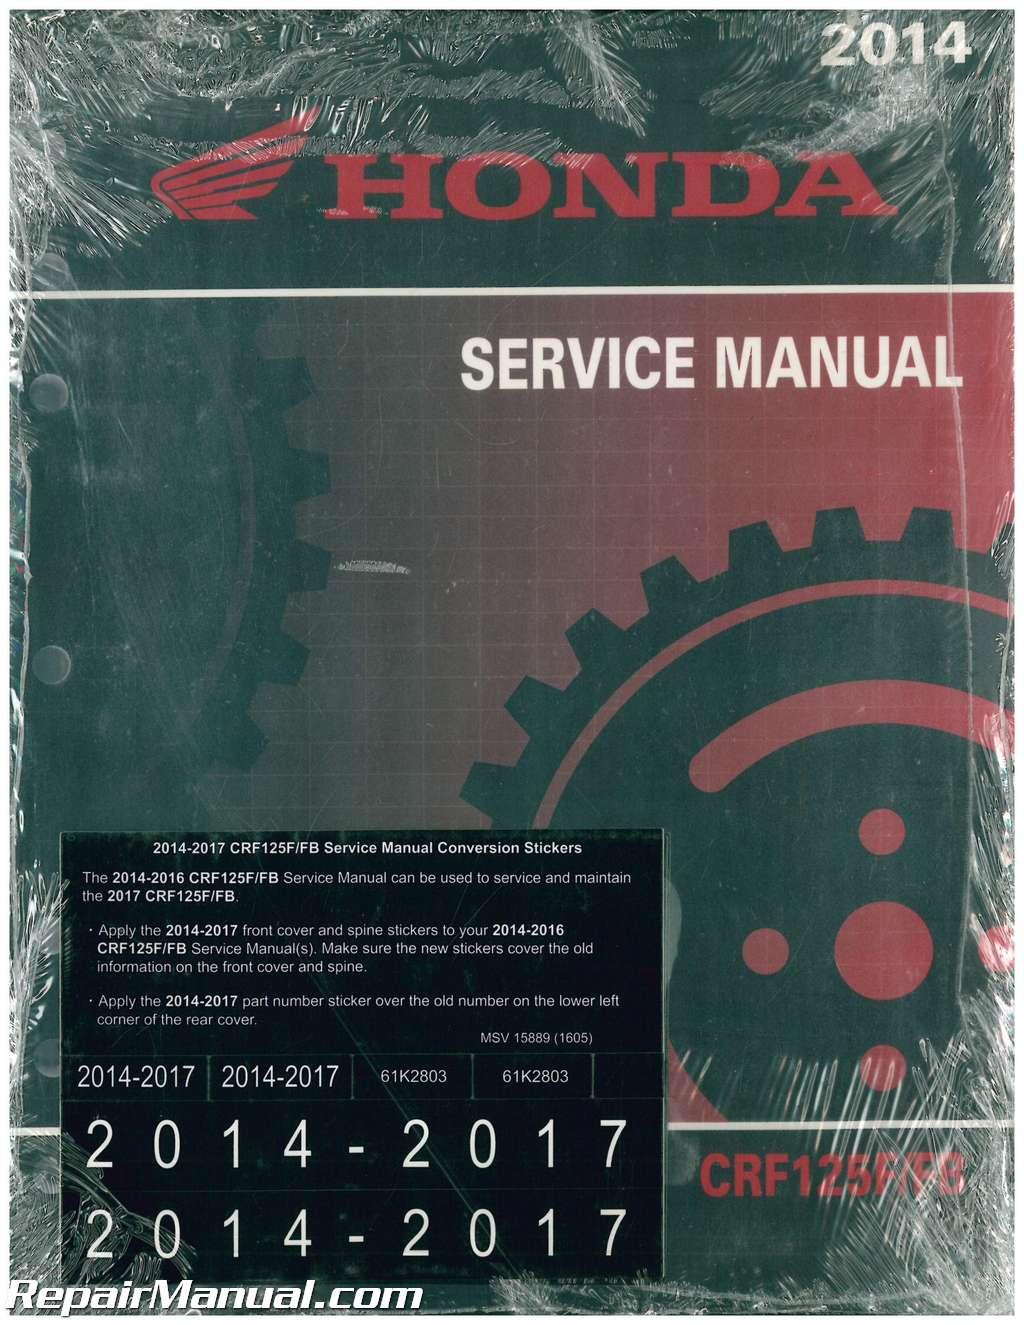 2014 2015 2016 2017 2018 Honda CRF125F/FB Motorcycle Service Manual